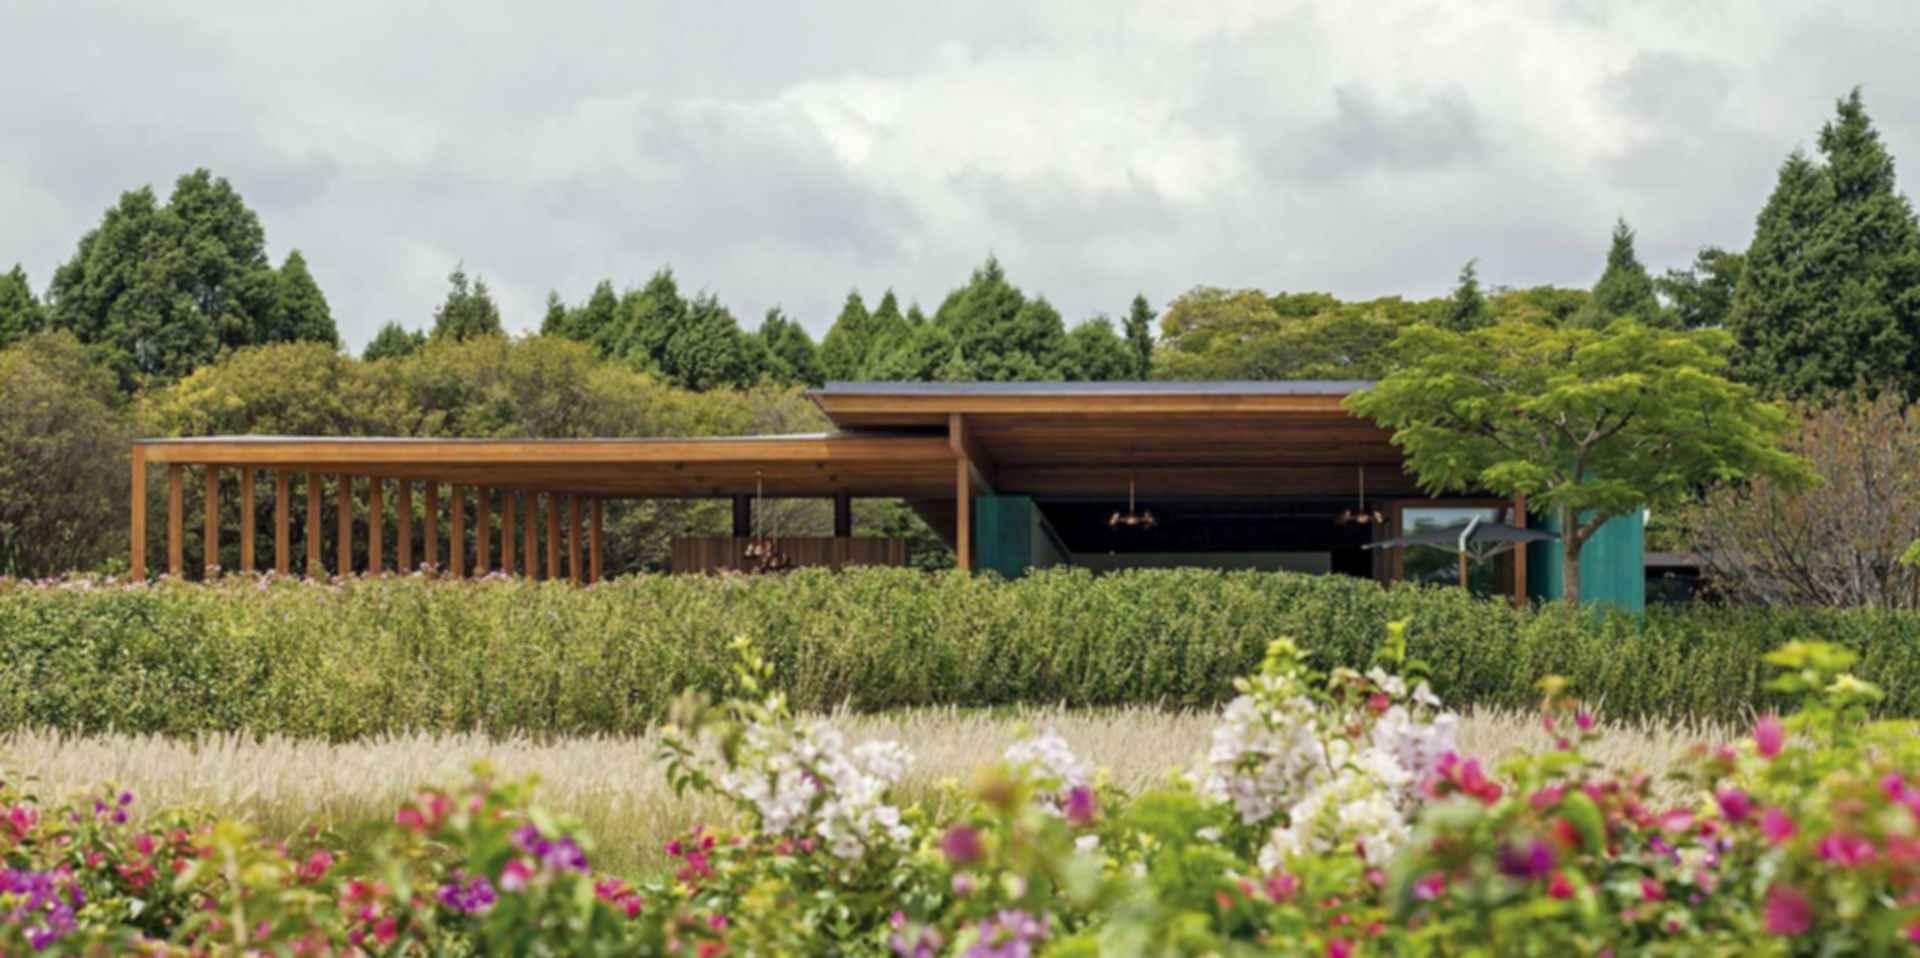 GCP House - Exterior/Landscape